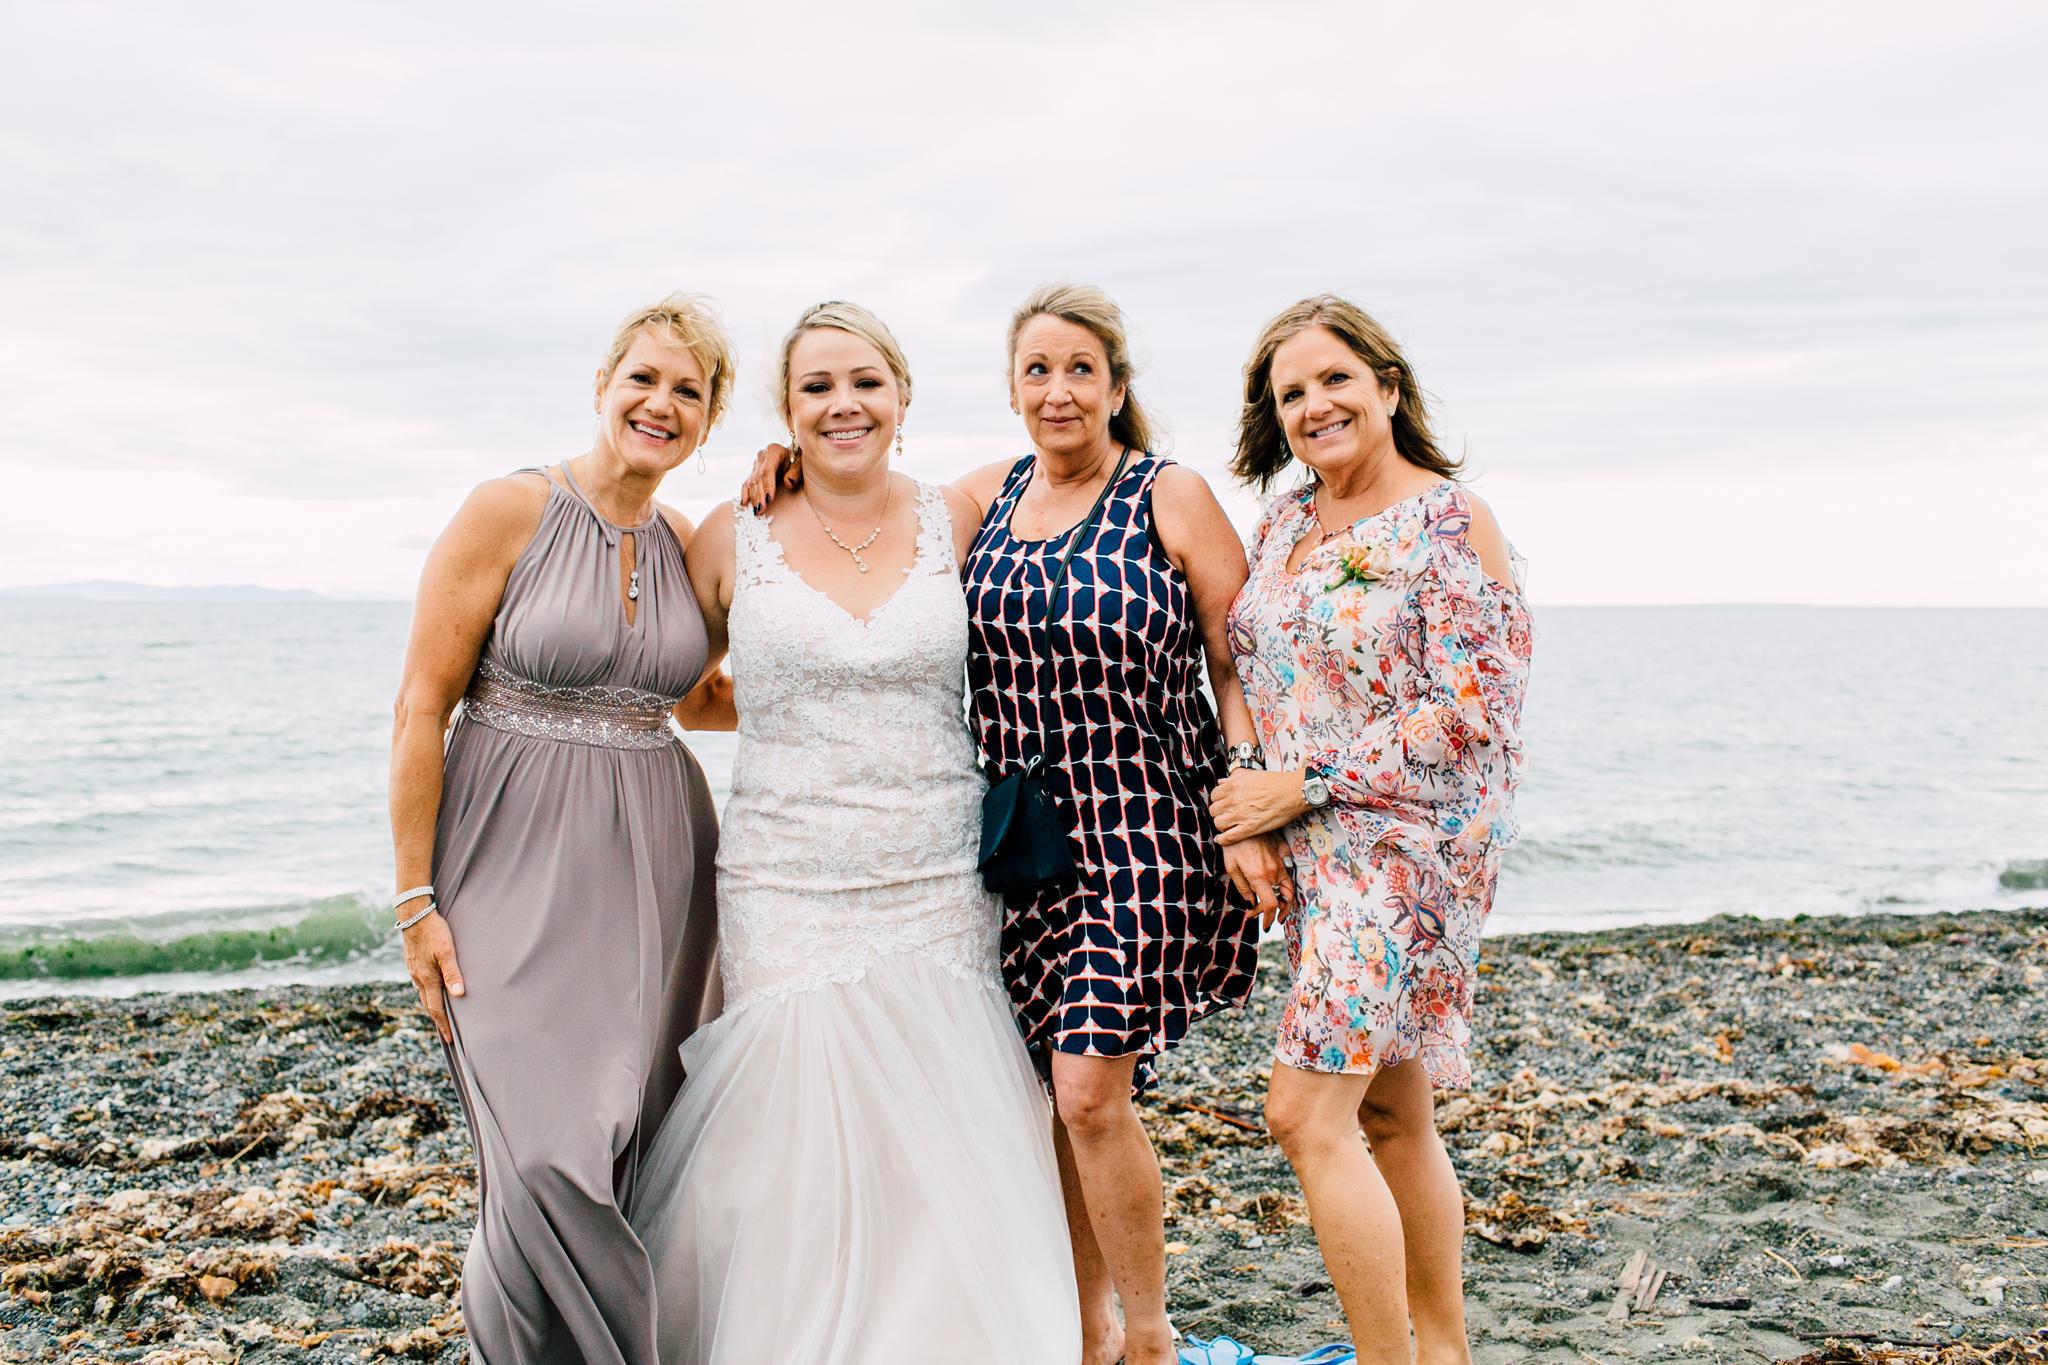 055-bellingham-wedding-photographer-beach-katheryn-moran-elisa-phillip.jpg